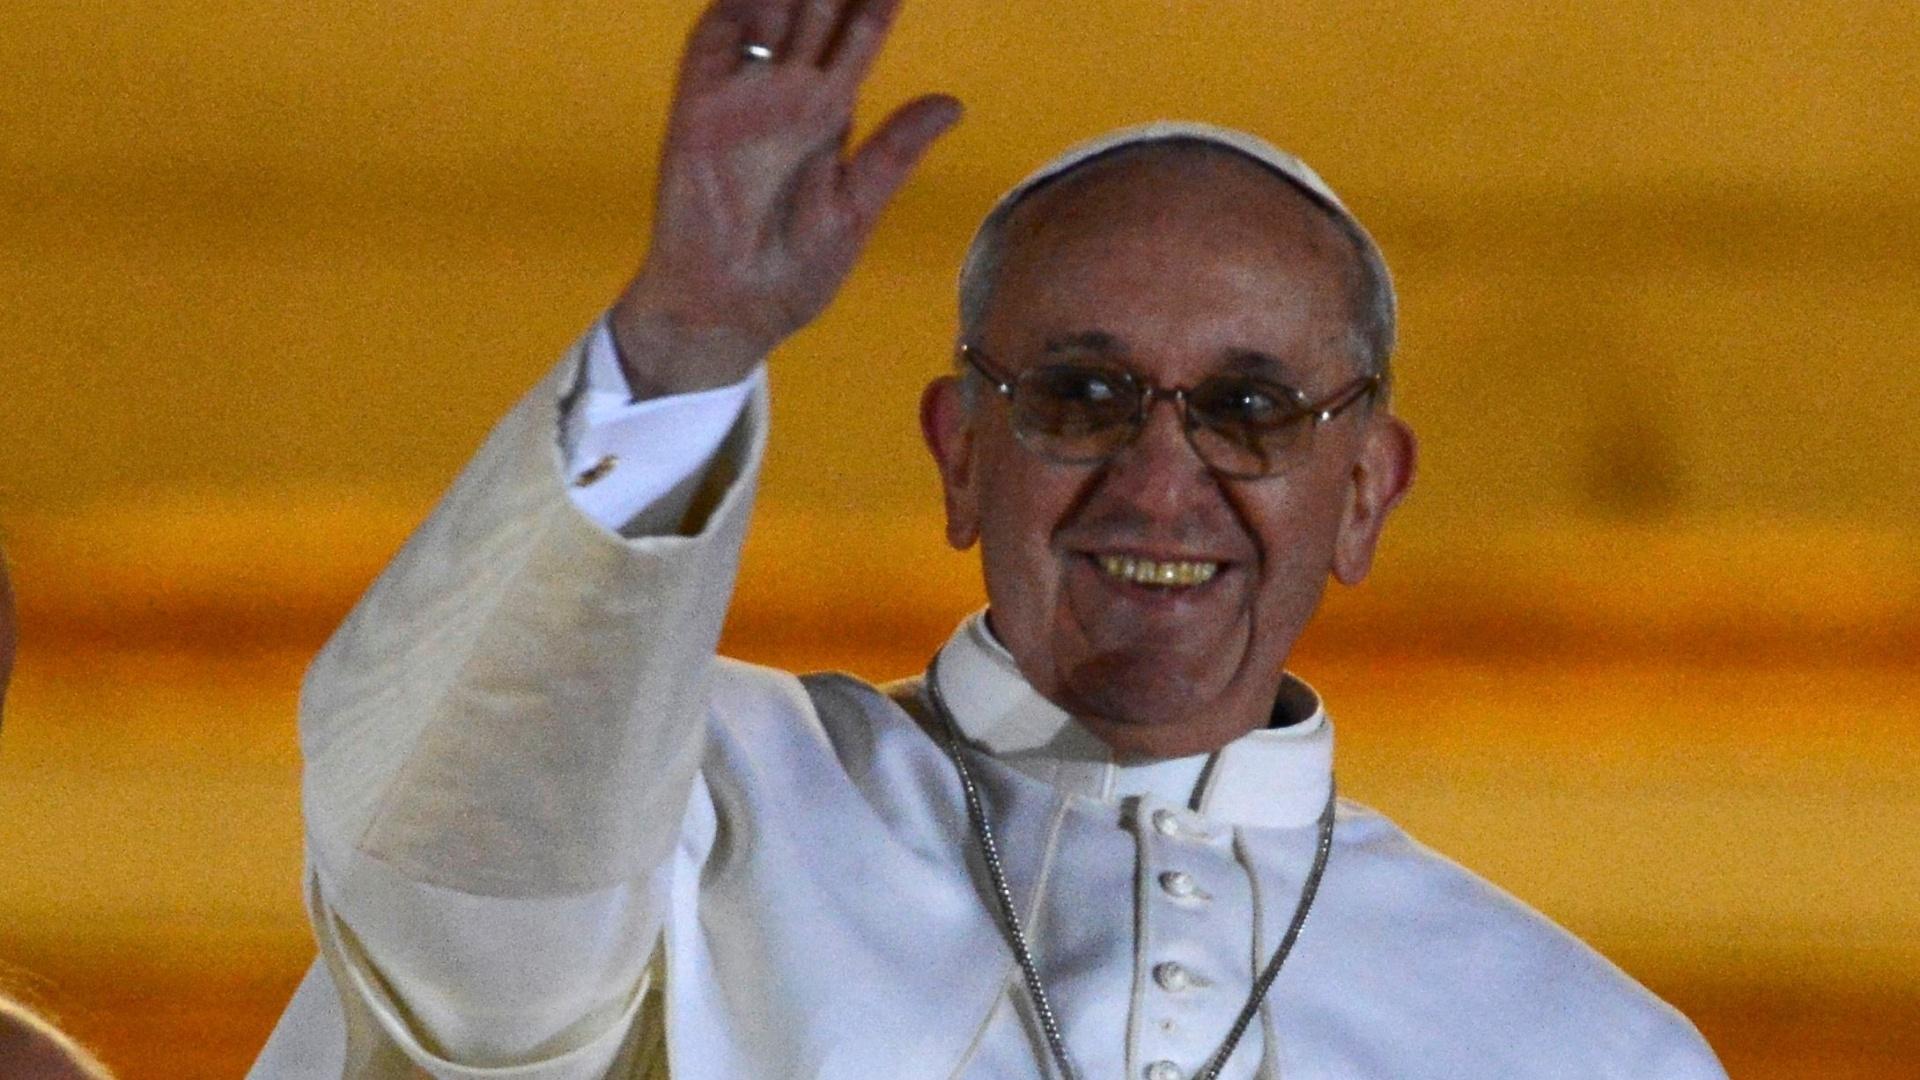 http://imguol.com/2013/03/13/13mar13---papa-francisco-1-76-sorri-e-acena-para-multidao-na-sacada-da-basilica-de-sao-pedro-no-vaticano-o-cardeal-argentino-jorge-mario-bergoglio-foi-escolhido-o-novo-papa-apos-cinco-escrutinios-1363206295925_1920x1080.jpg